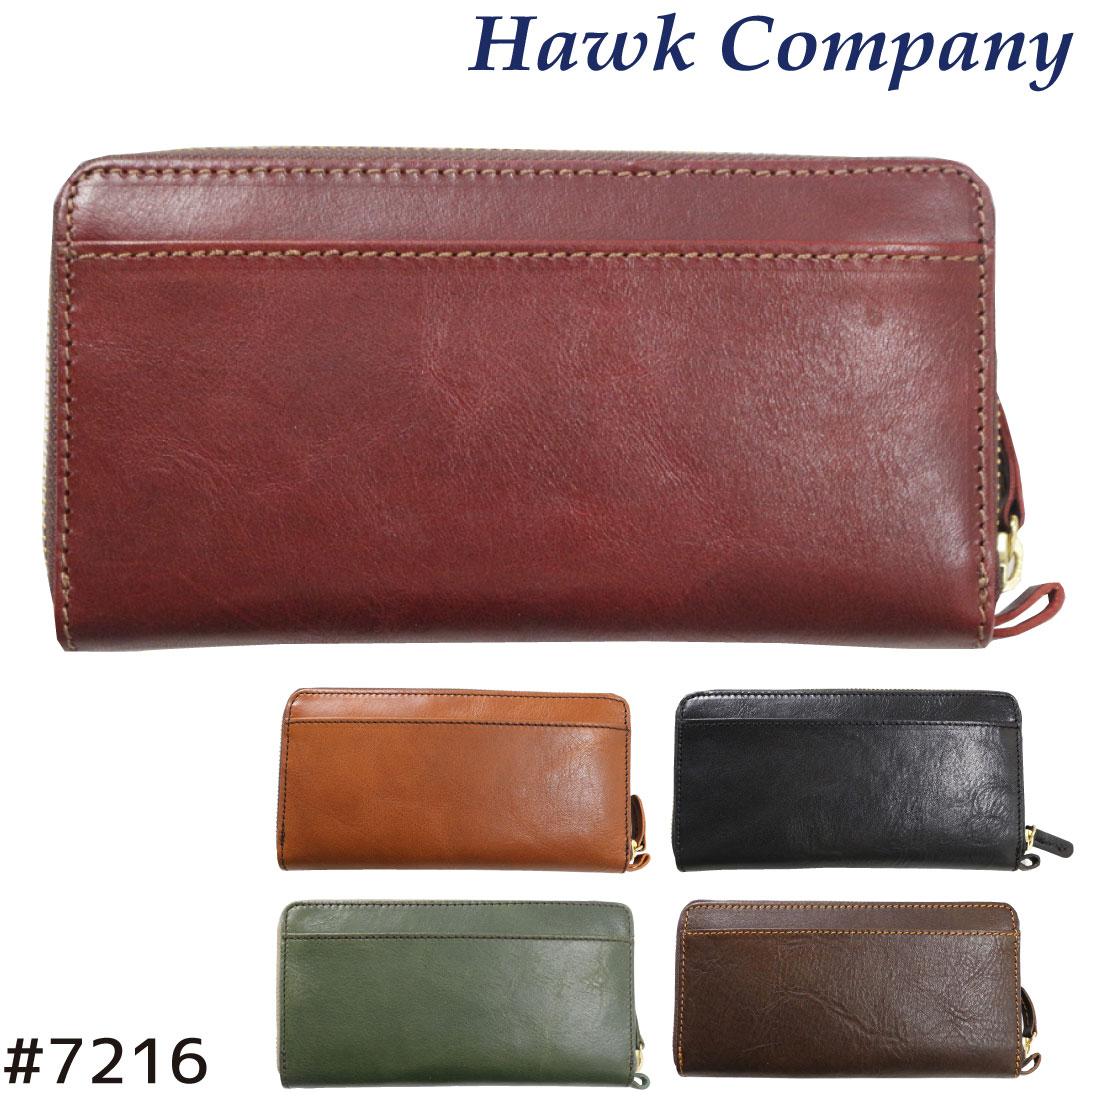 ホークカンパニー Hawk Company 7216 長財布 レザー ロングウォレット ラウンド 革 メンズ レディース プレゼント イタリアンレザー